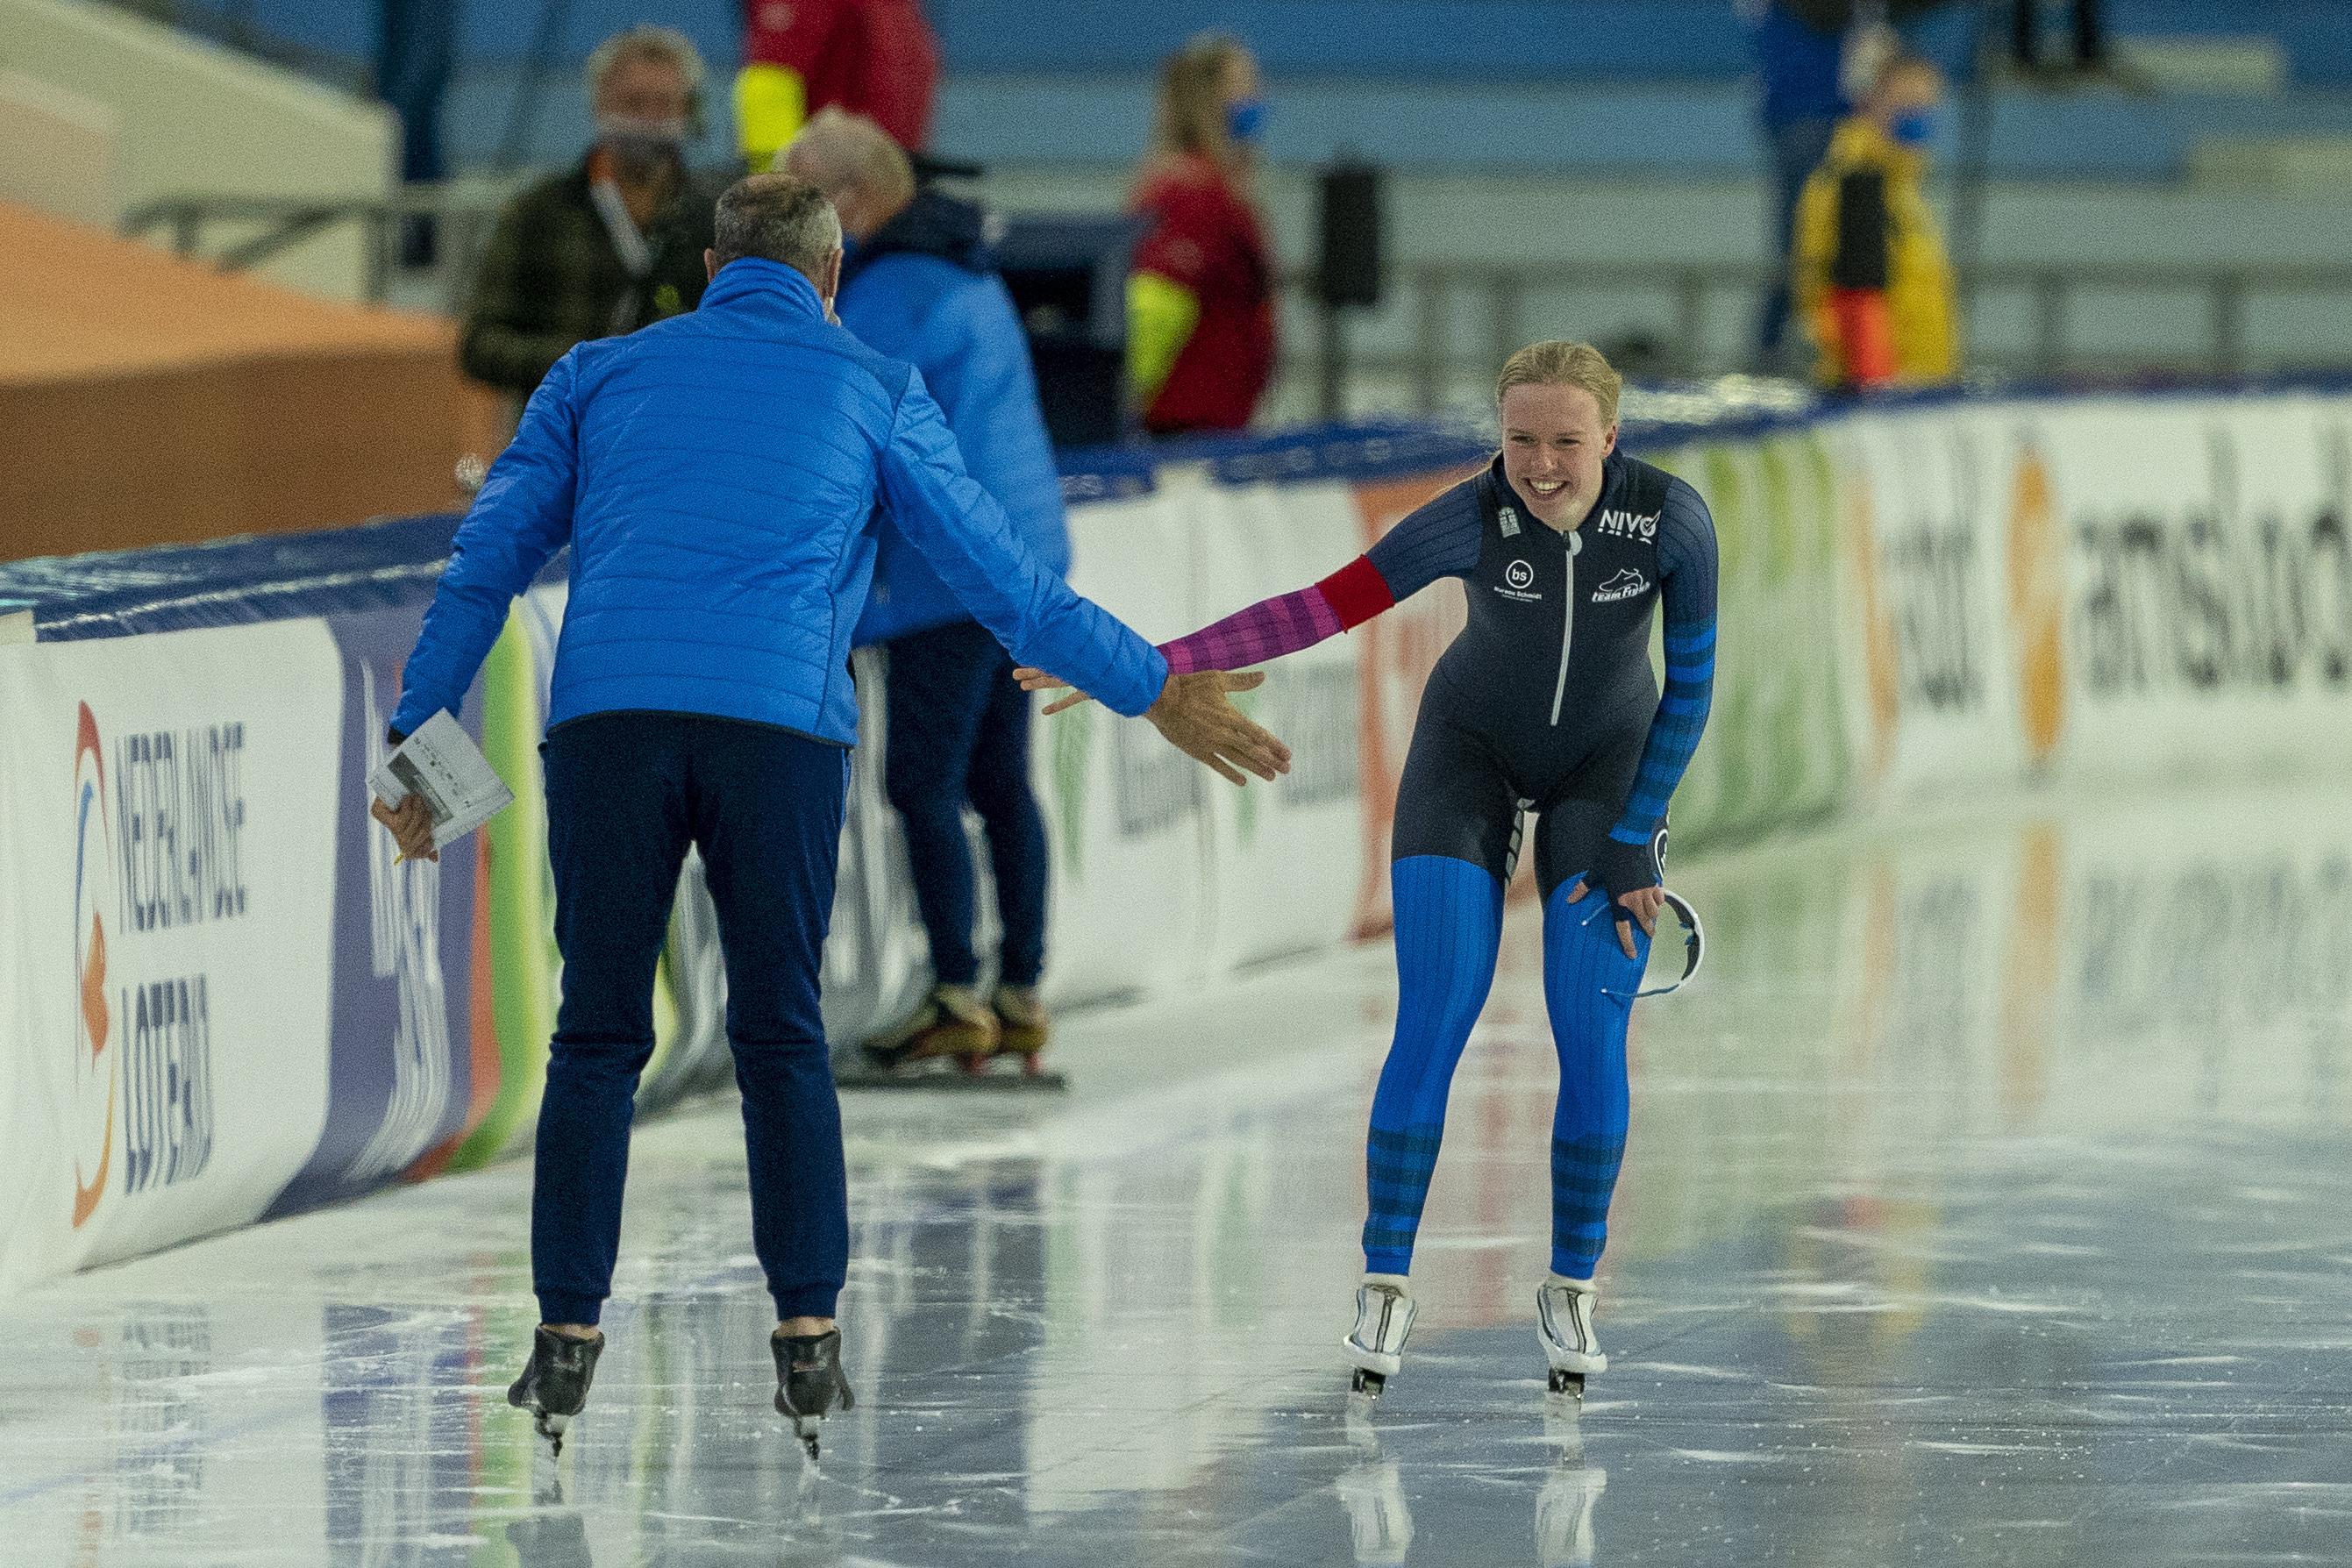 Castricumse Paulien Verhaar heeft stappen gemaakt bij nieuwe ploeg Team Frysk. Tijdens haar 'thuiswedstrijd' - het NK allround - reed ze sneller dan ooit